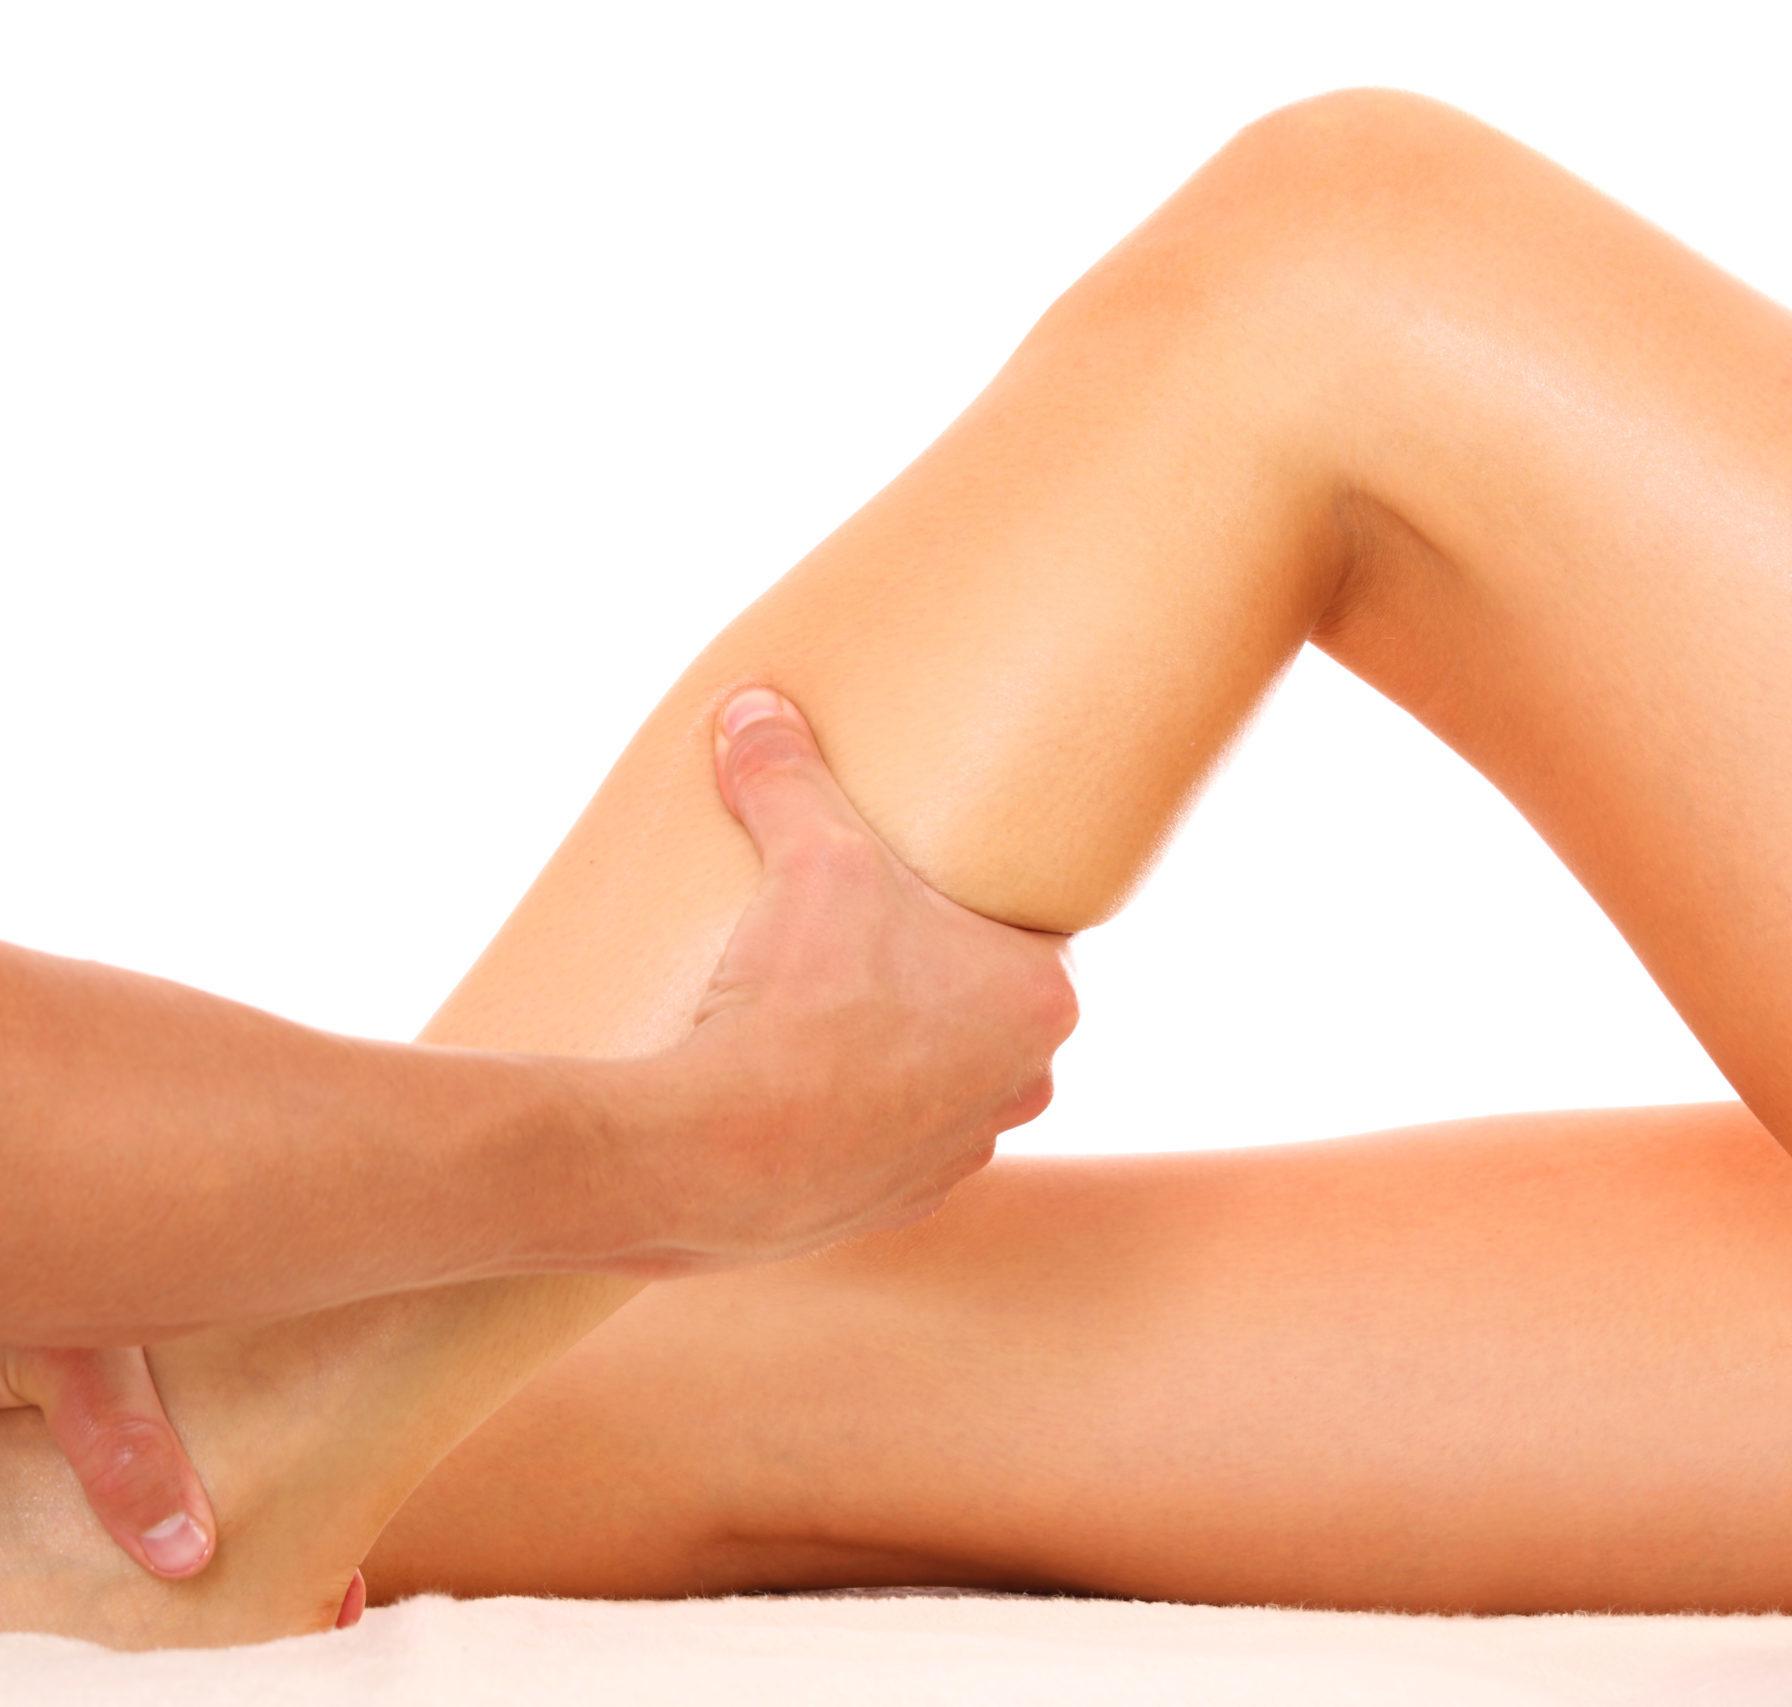 cum se tratează edemul articulației genunchiului